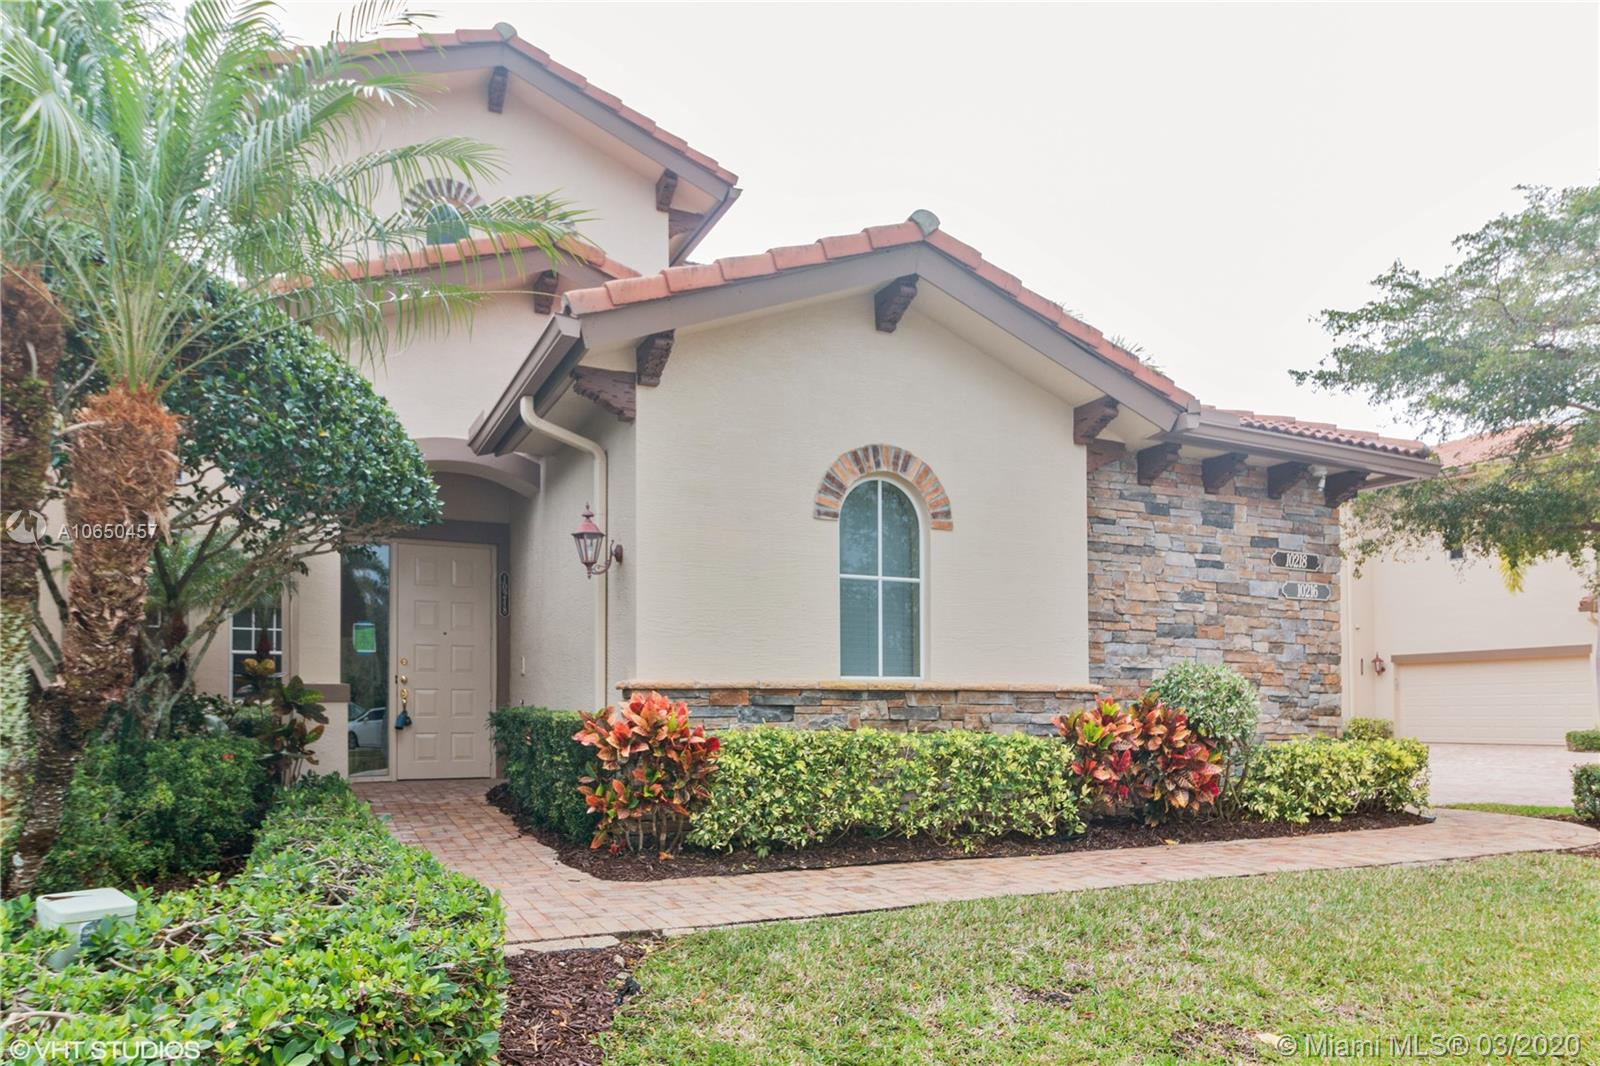 10218 Orchid Reserve Dr 10218, West Palm Beach, FL 33412